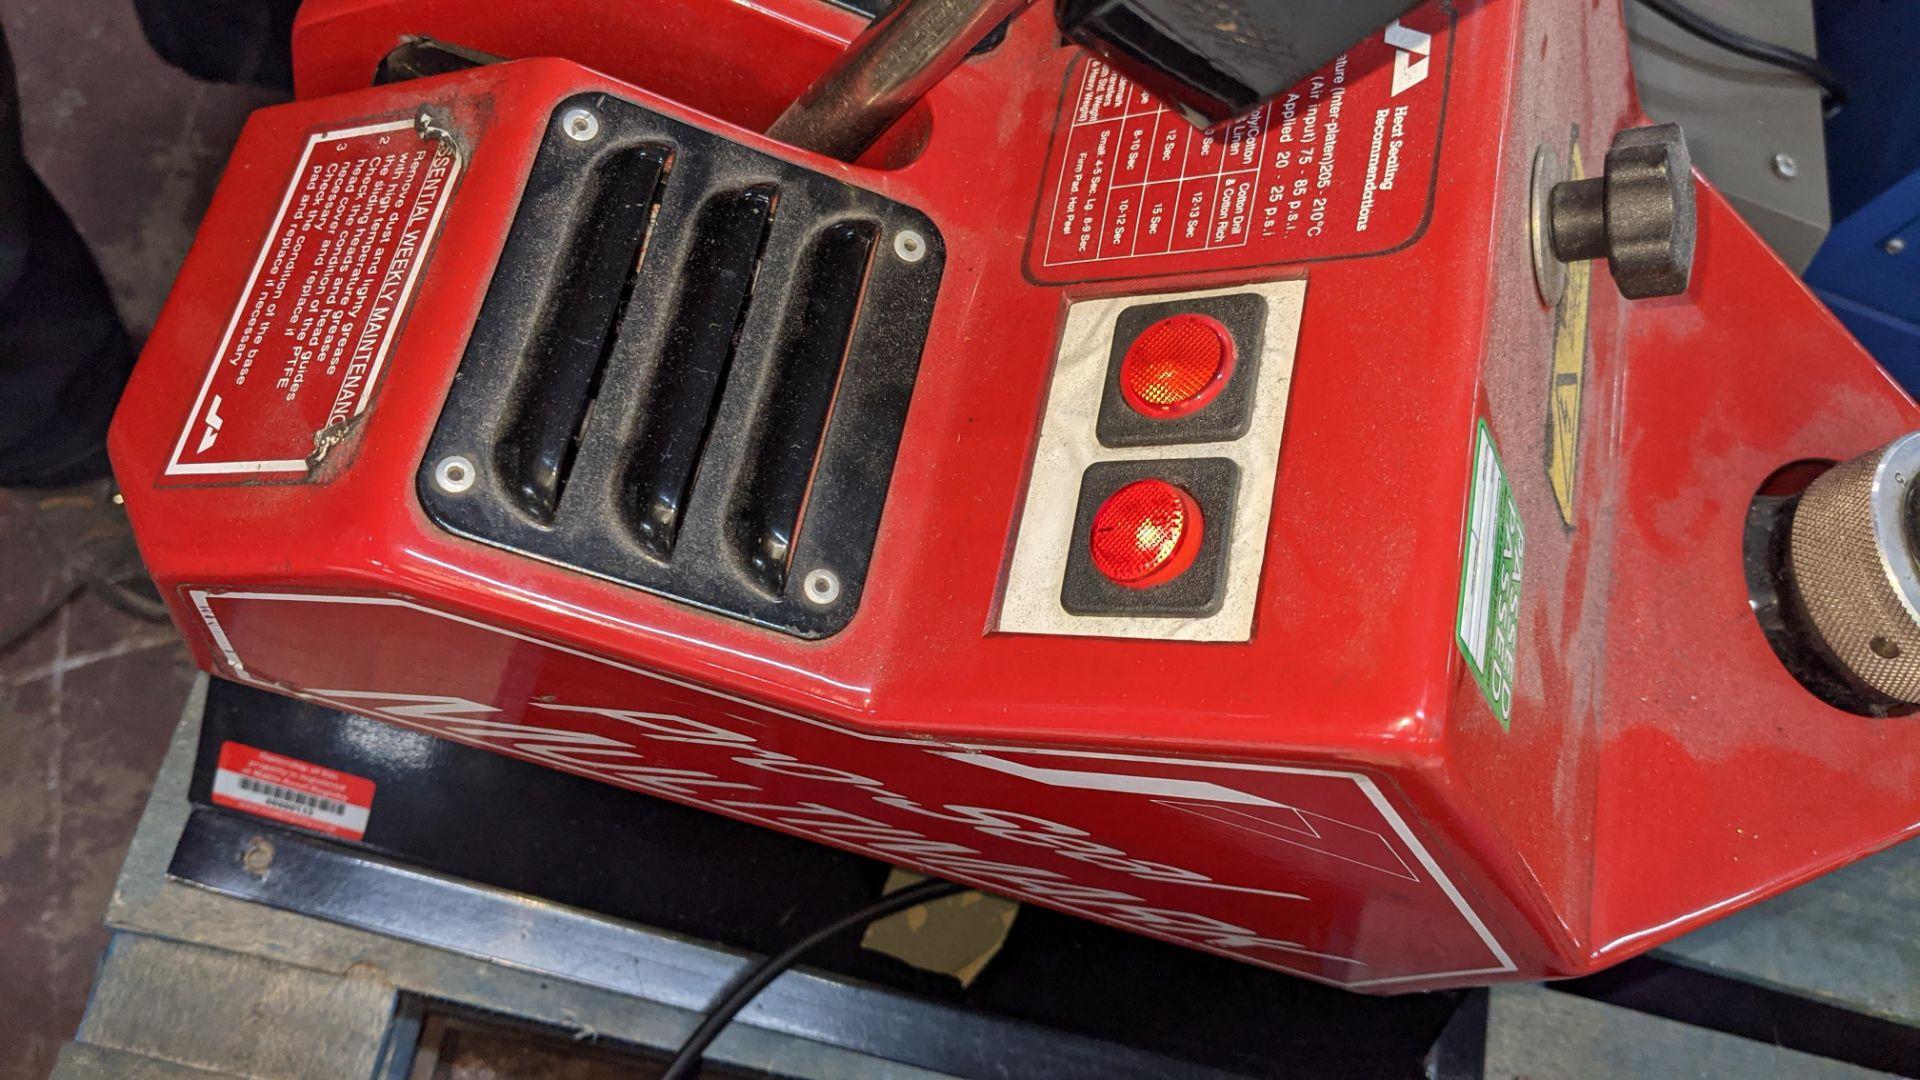 Pro-Seal Multimark heat sealing machine - Image 7 of 10